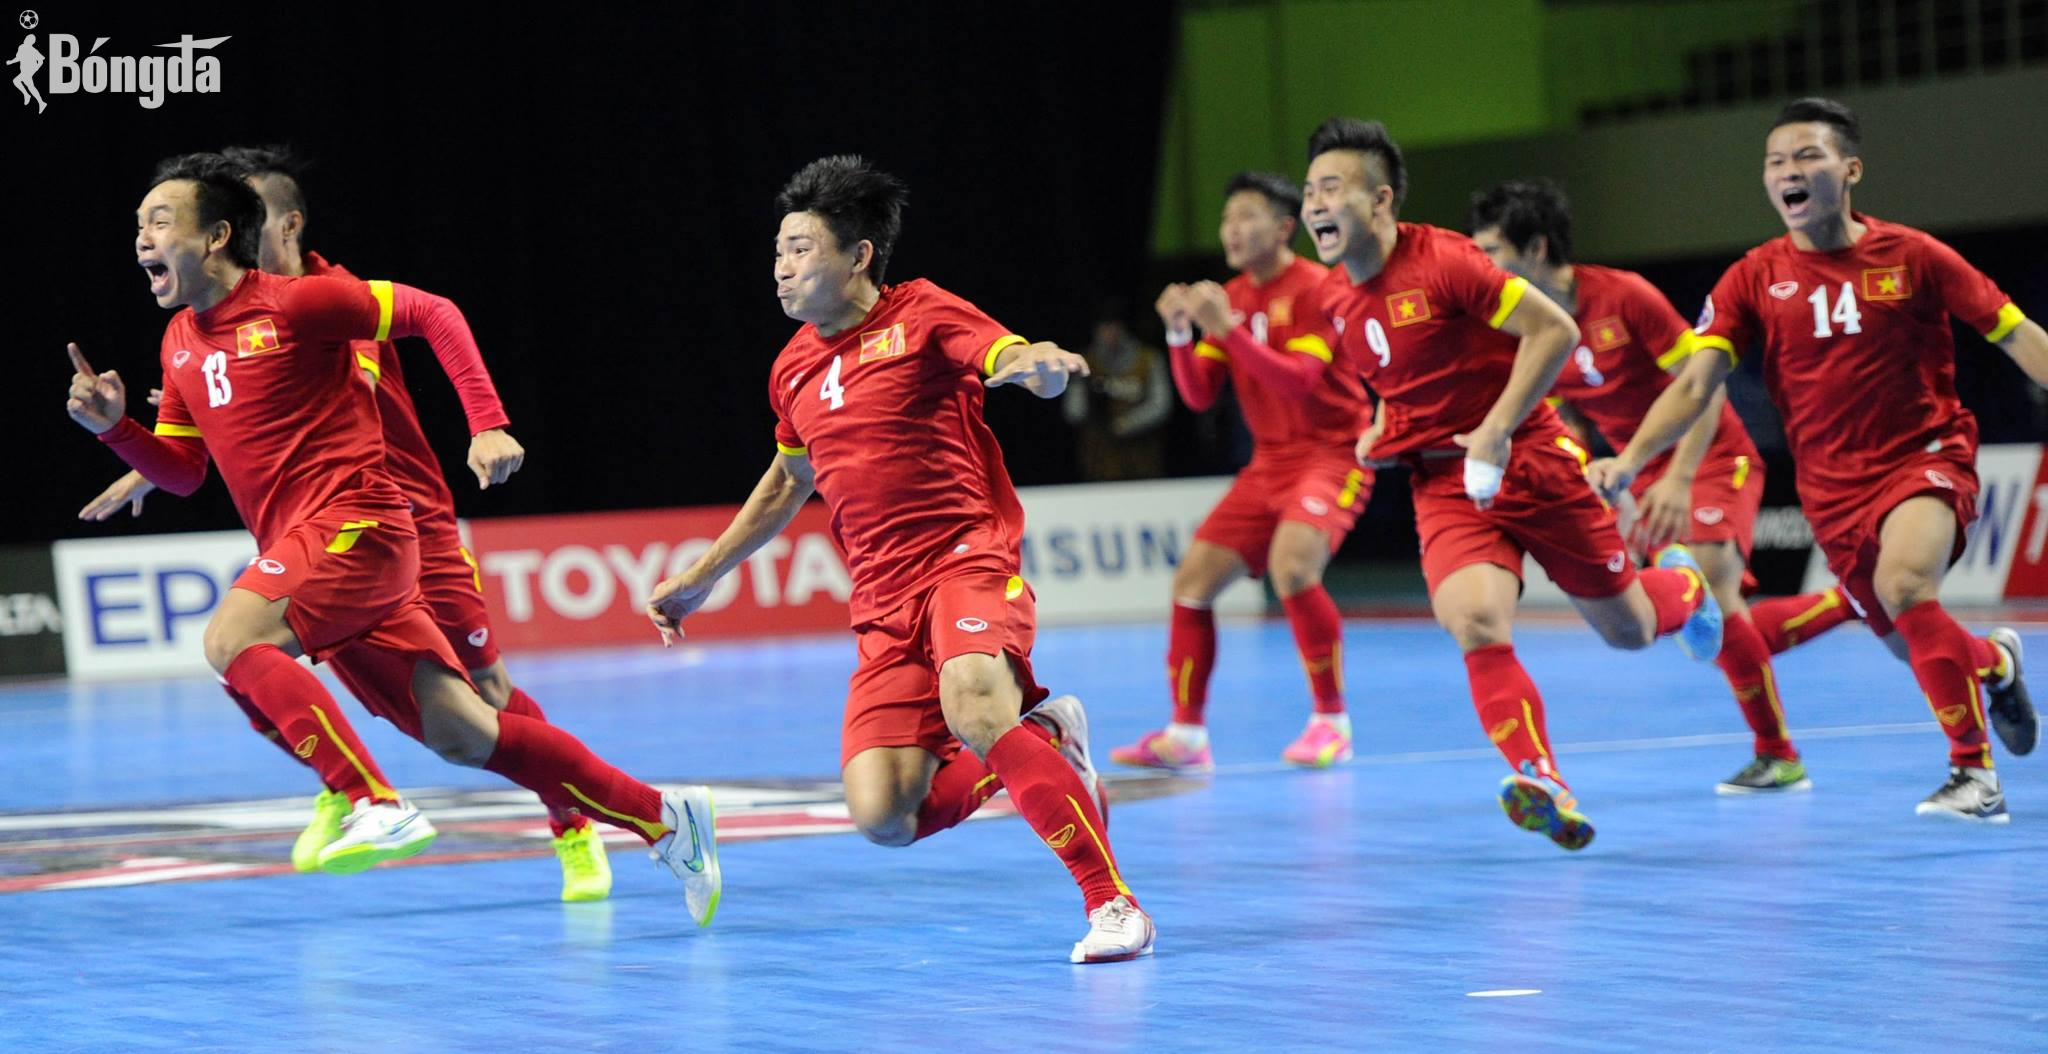 Âm tính với Covid-19, ĐT Futsal Việt Nam khẩn trương chuẩn bị cho World Cup 2021